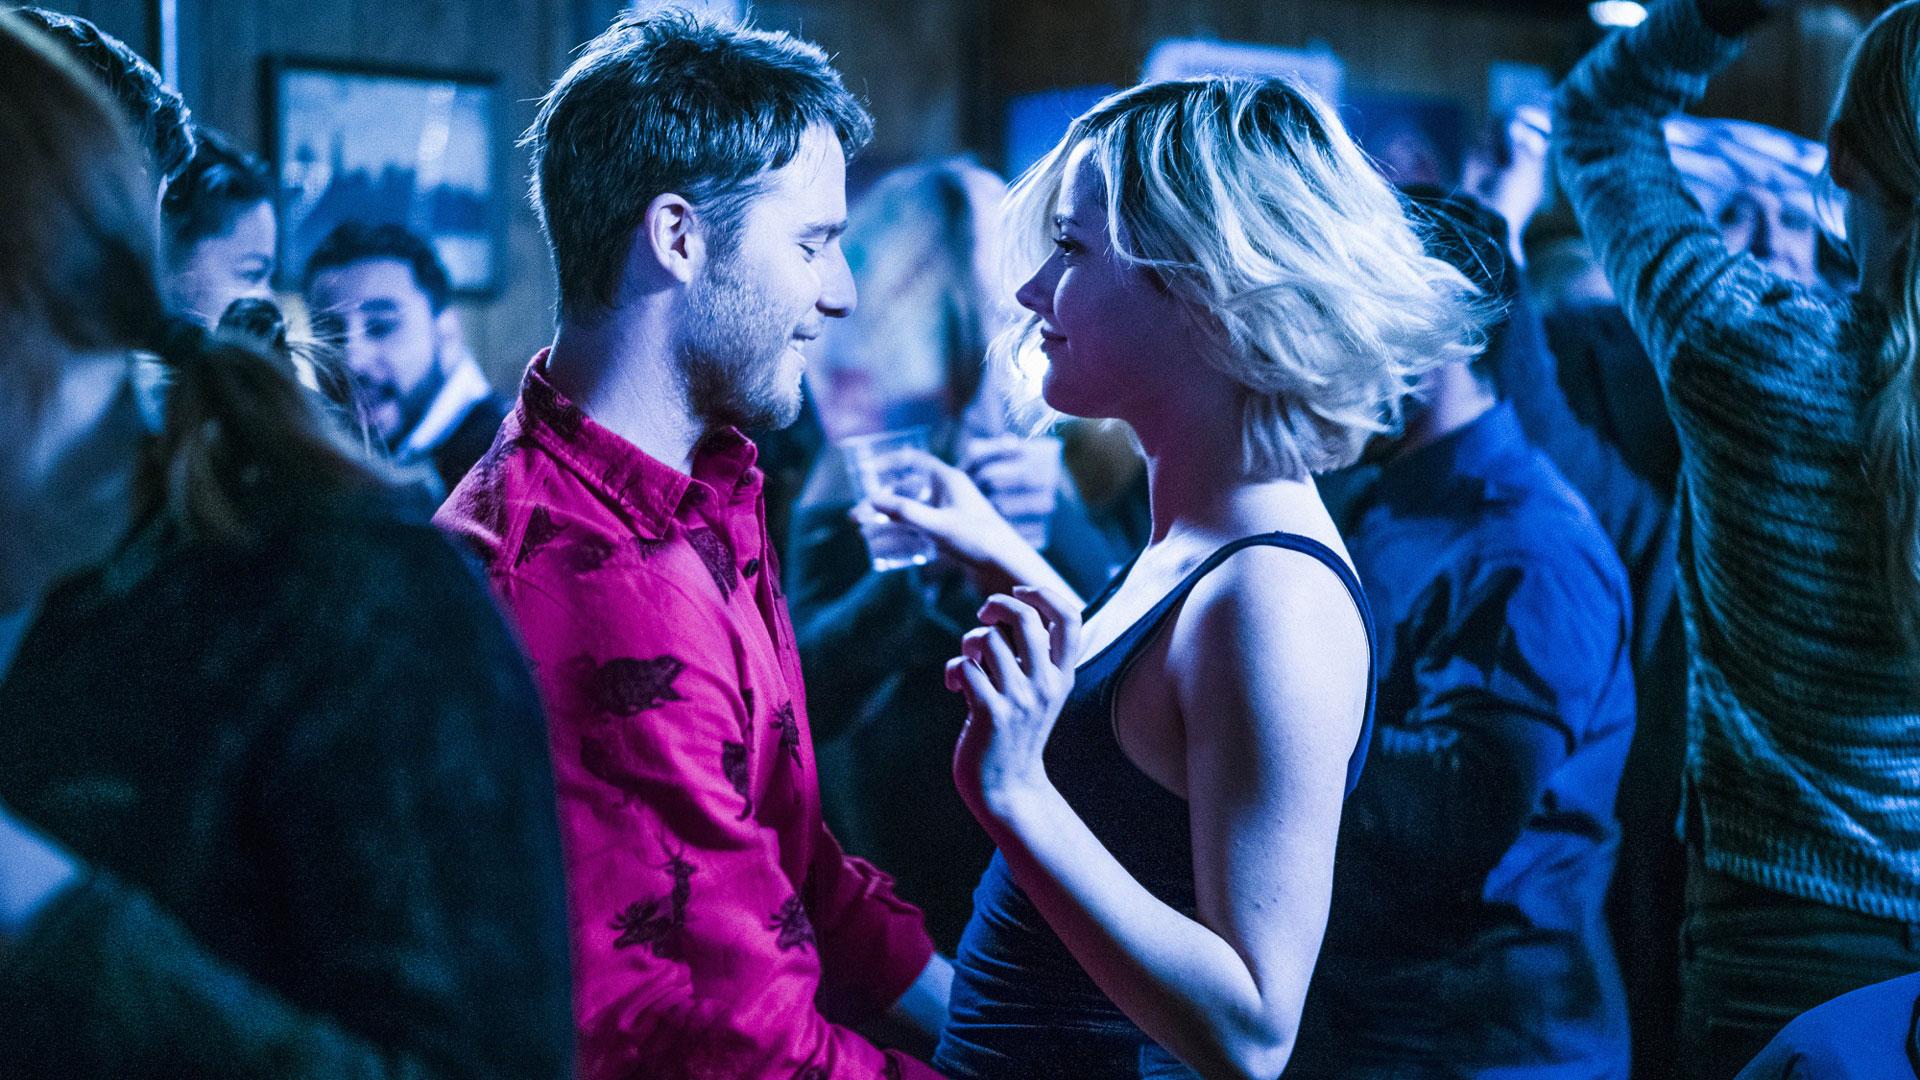 Jake McDorman as Brian Finch and Georgina Haig as Piper